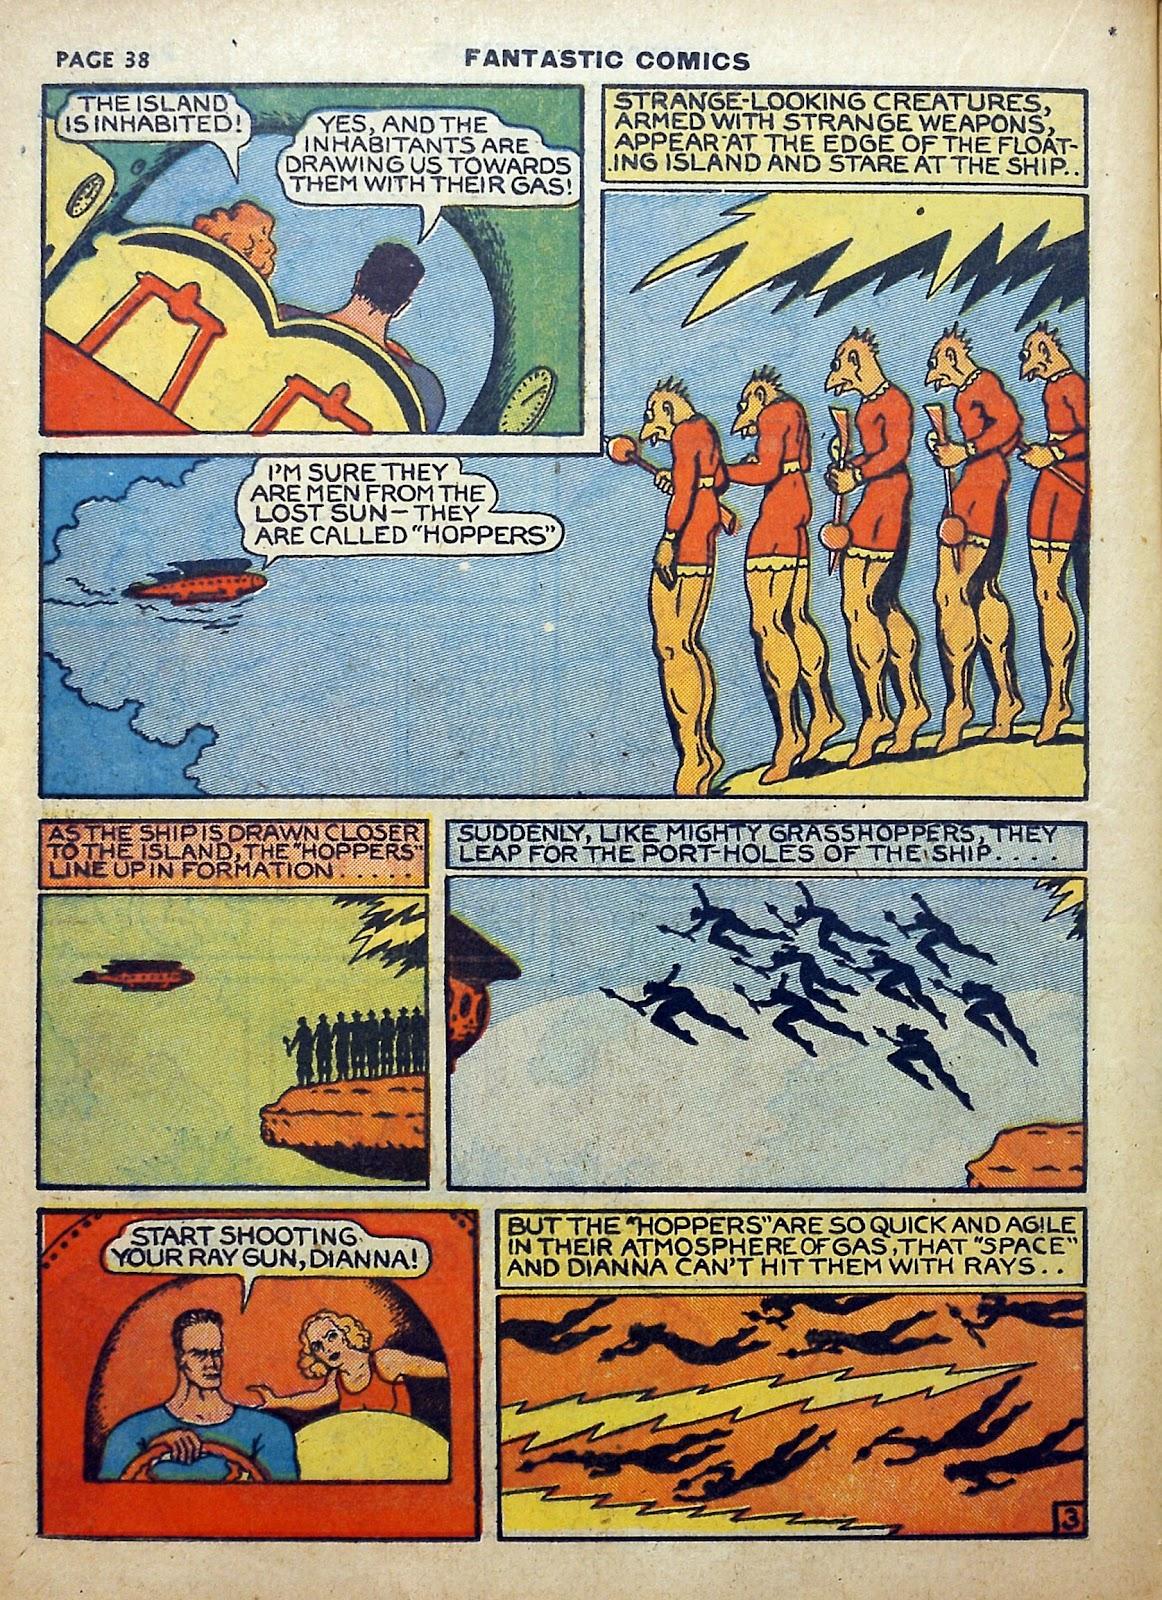 Read online Fantastic Comics comic -  Issue #5 - 39